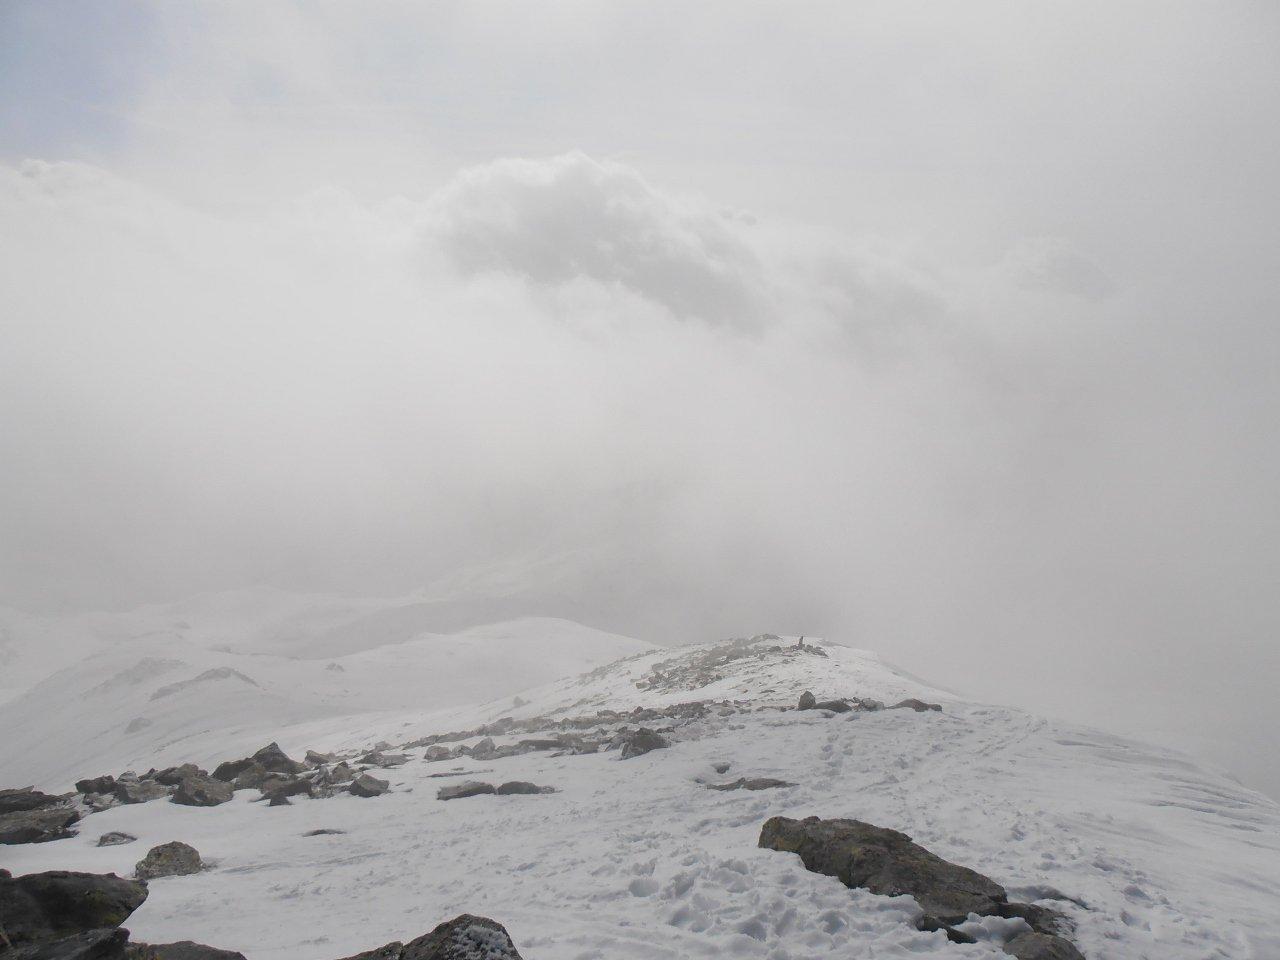 i primi 50 mt dalla cima sono consigliabili a piedi, molte rocce affioranti